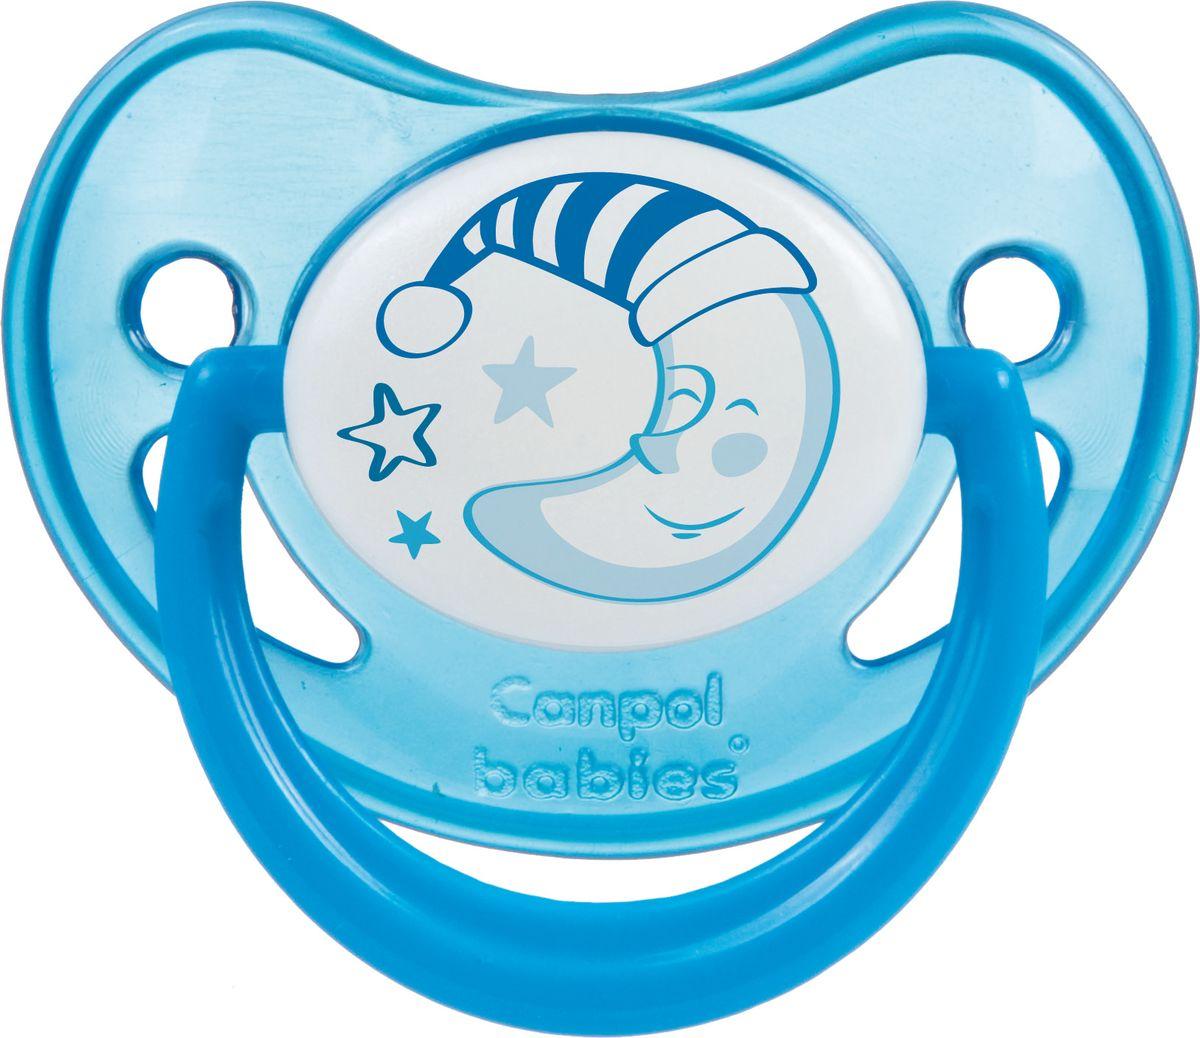 Canpol Babies Пустышка силиконовая Night Dreams от 0 до 6 месяцев цвет синий